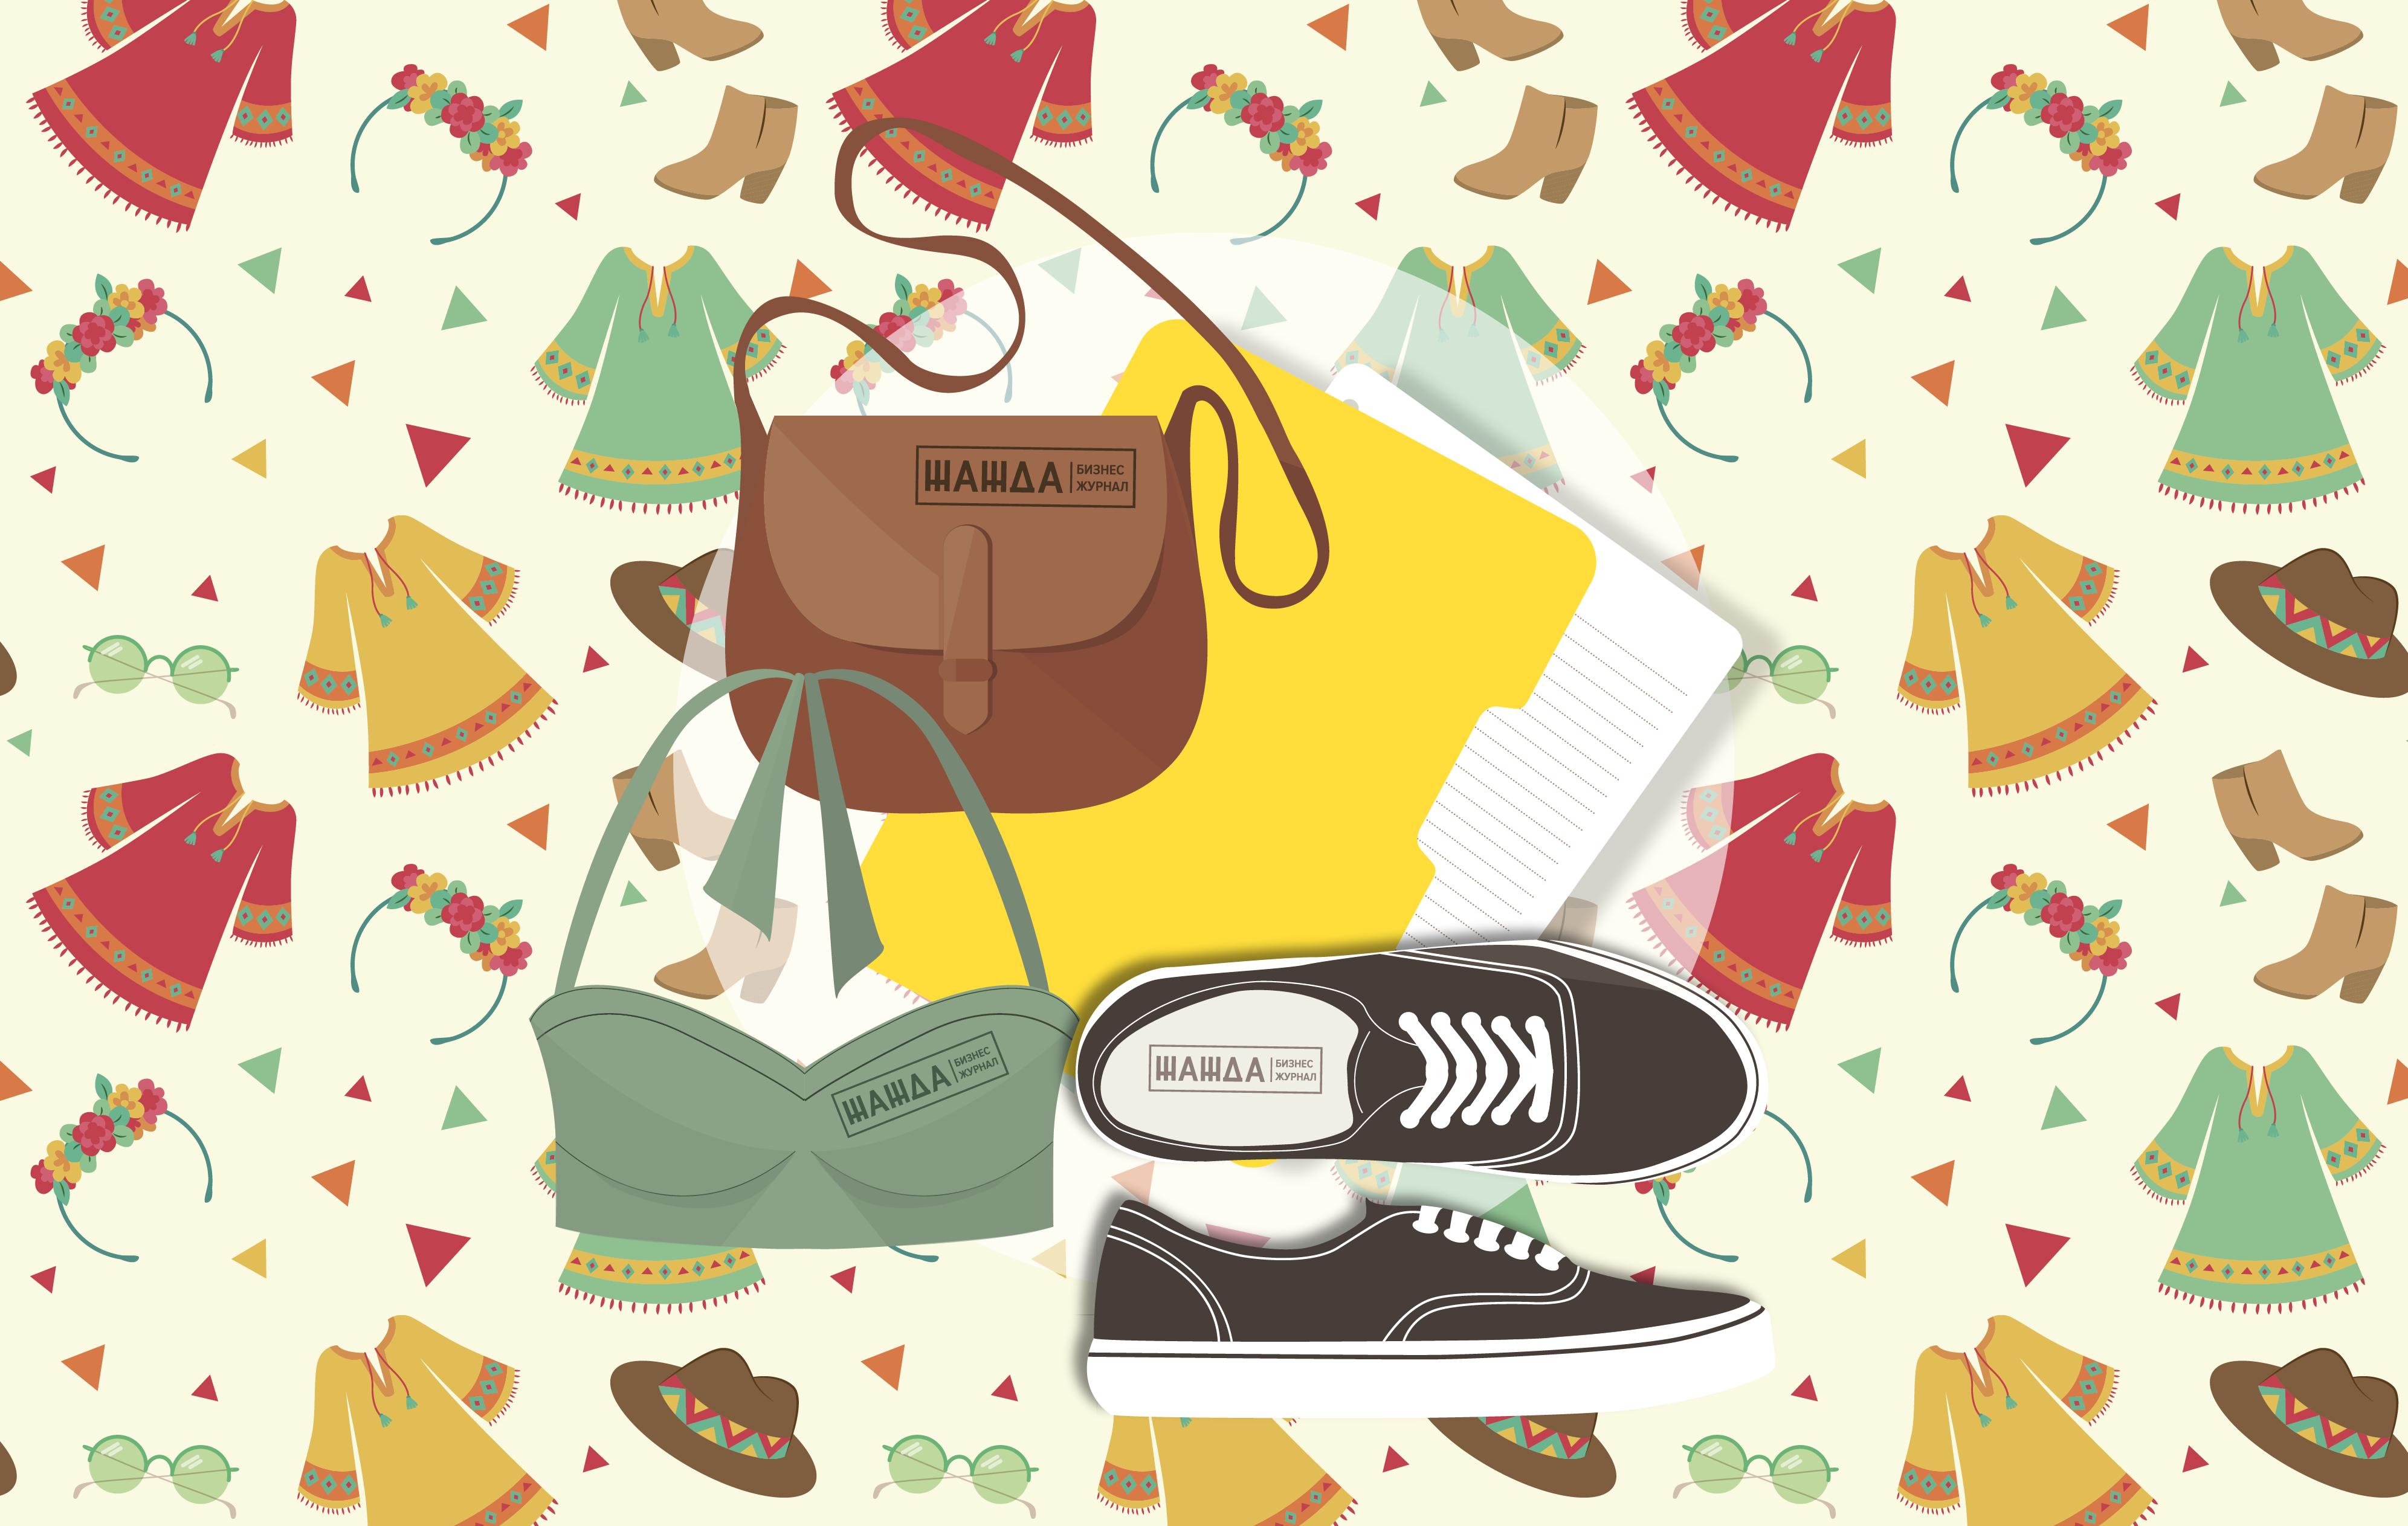 Бизнес-план своего бренда одежды - «Жажда» - бизнес-журнал 51ae039bd02